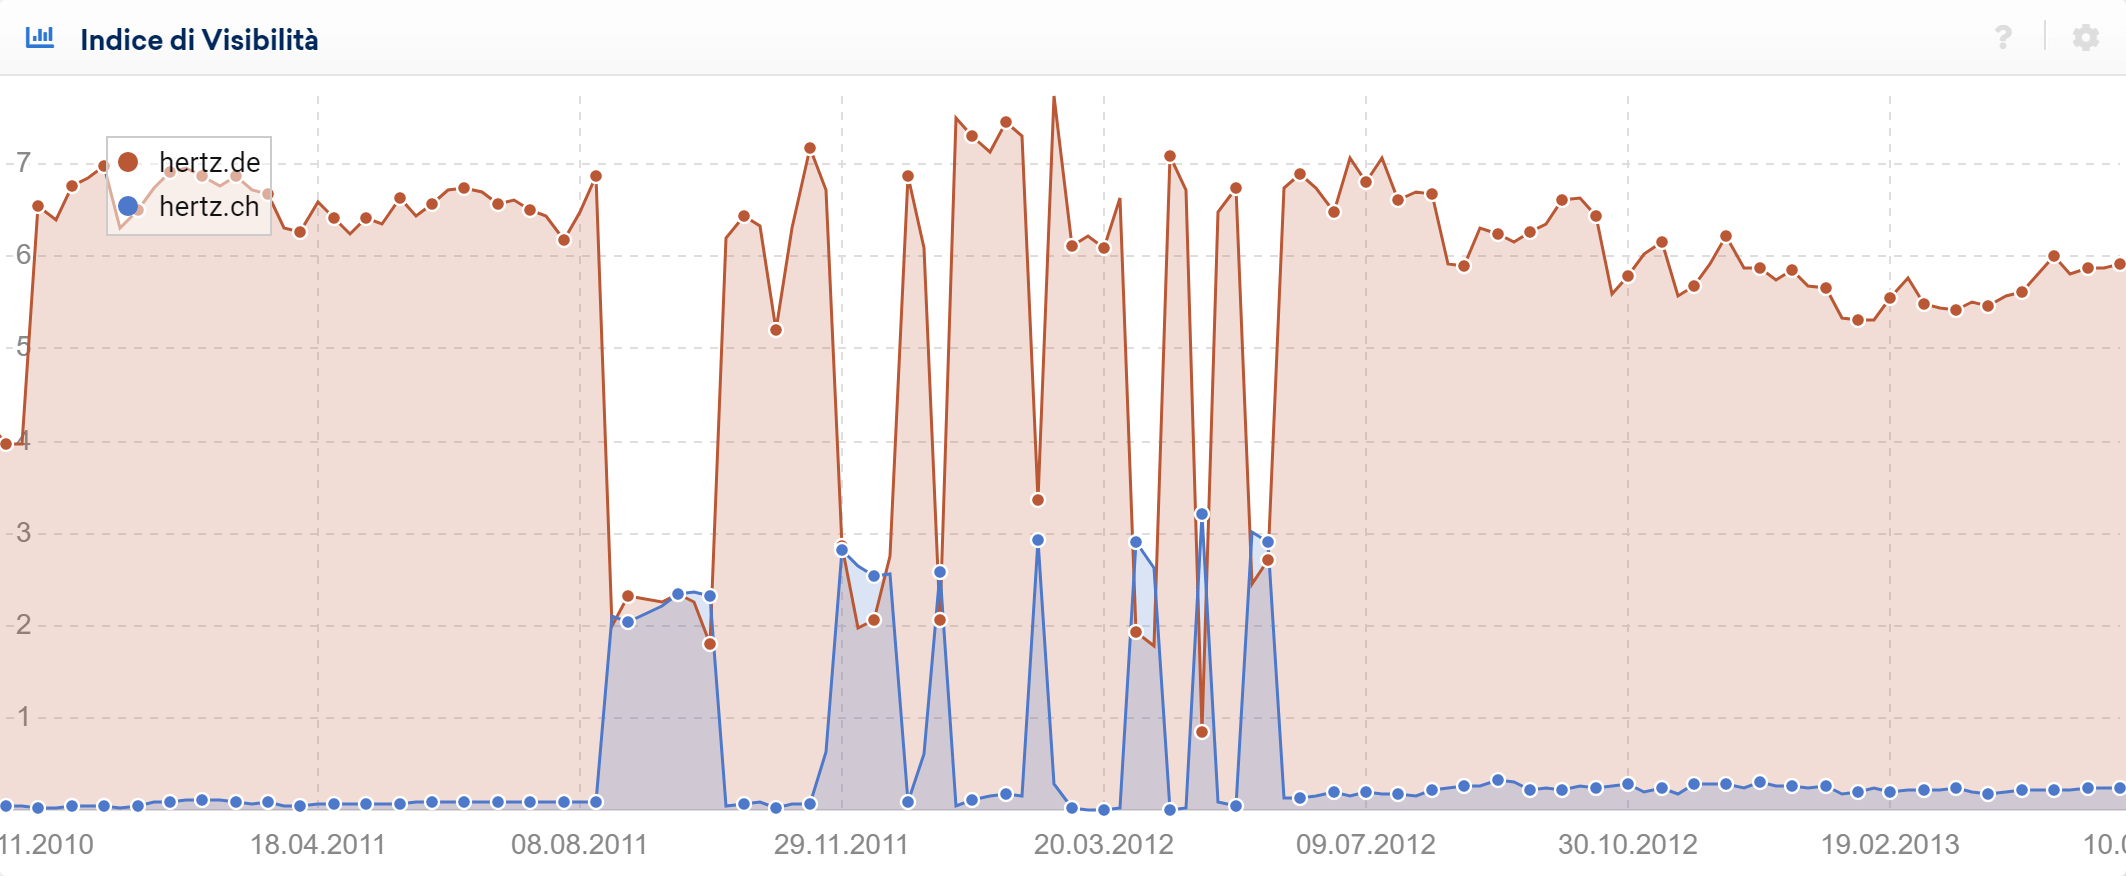 Toolbox SISTRIX: confronto tra hertz.de e hertz.ch